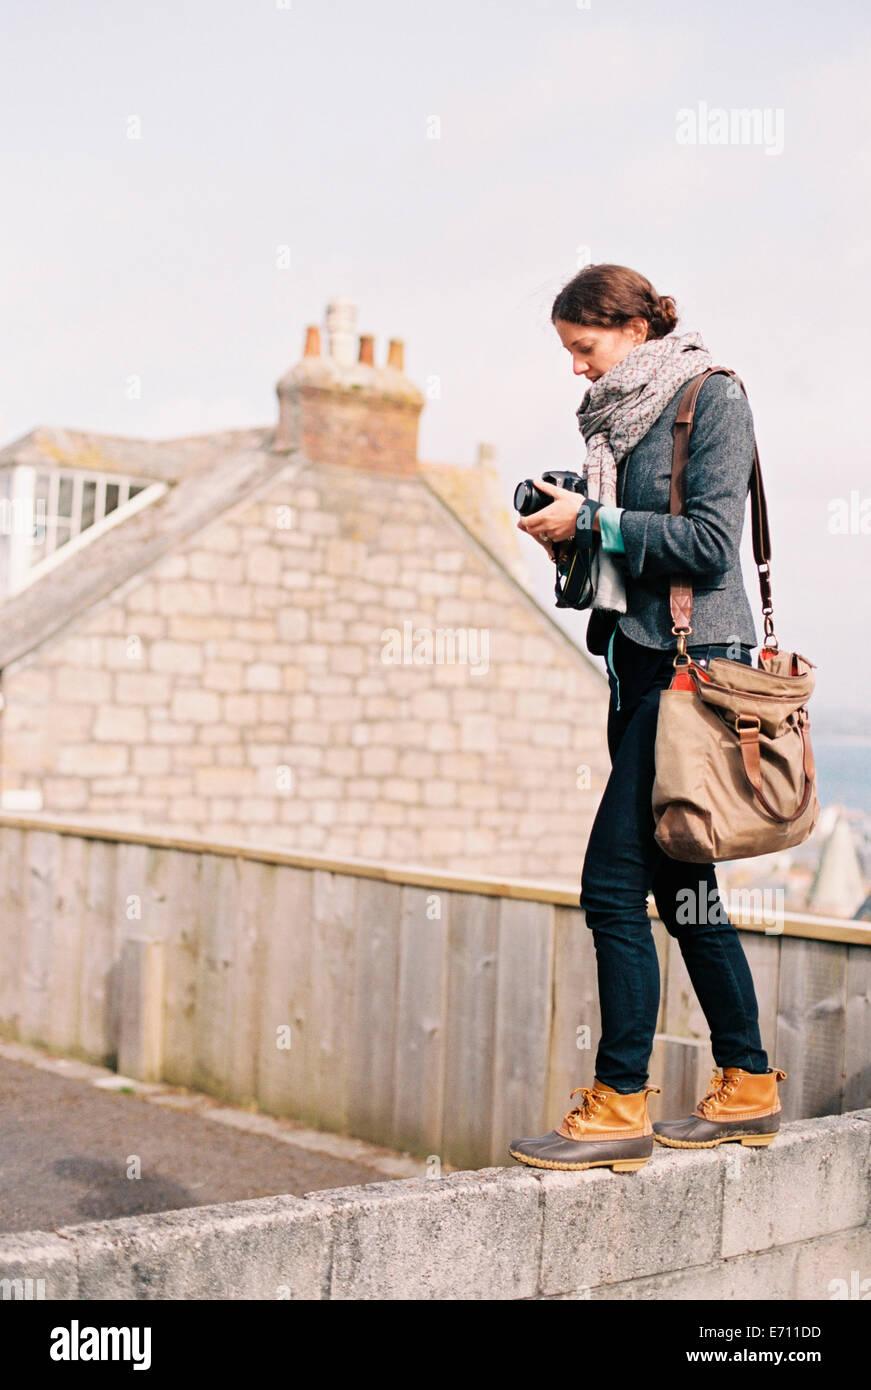 Une femme avec un grand sac, holding a camera, debout sur le sommet d'un mur. Photo Stock